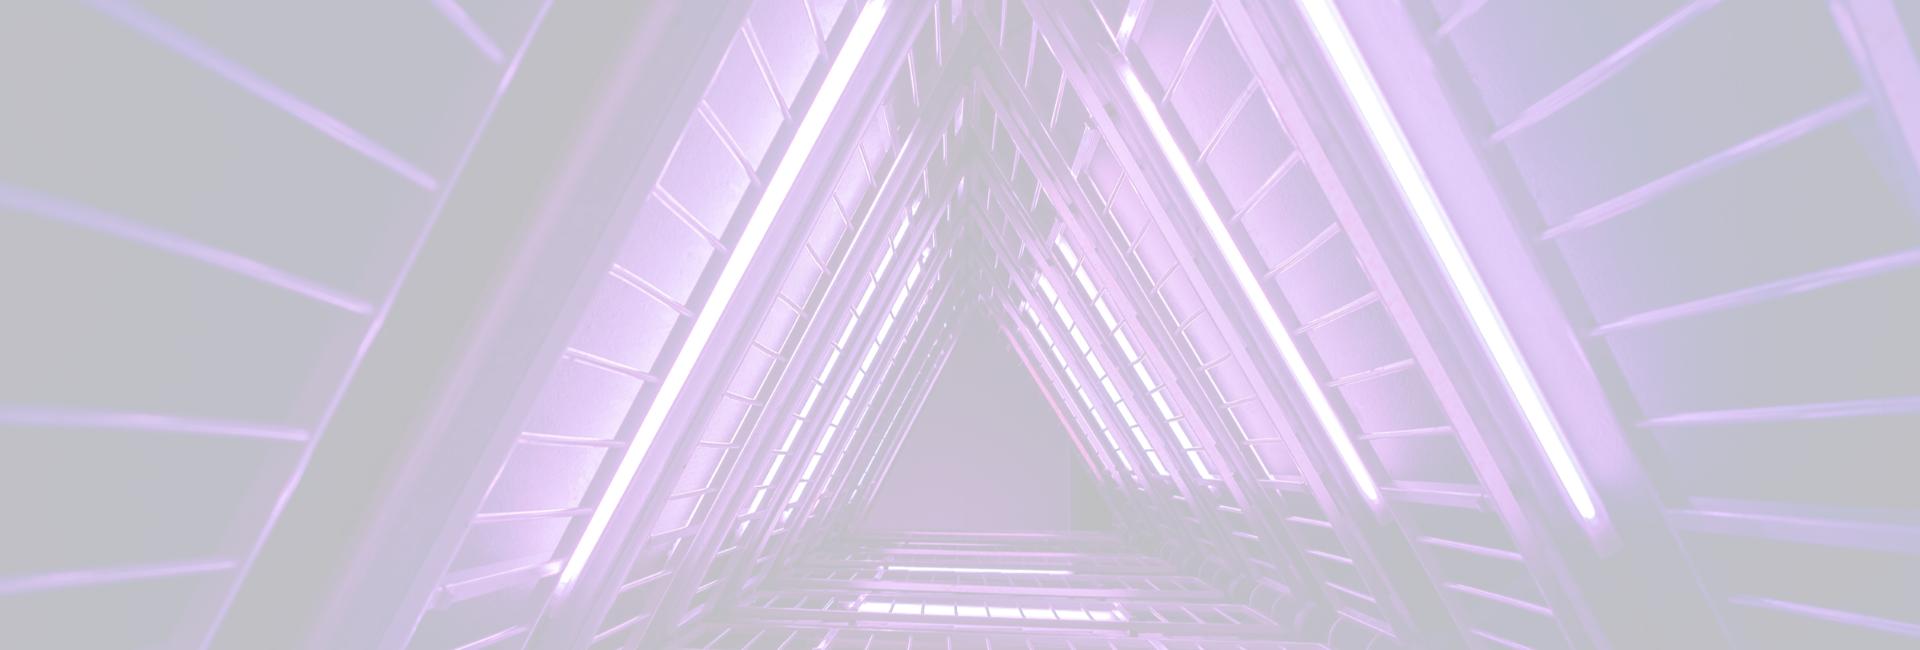 Focus op je doel - Image: Driehoekige ruimte in een hoog gebouw